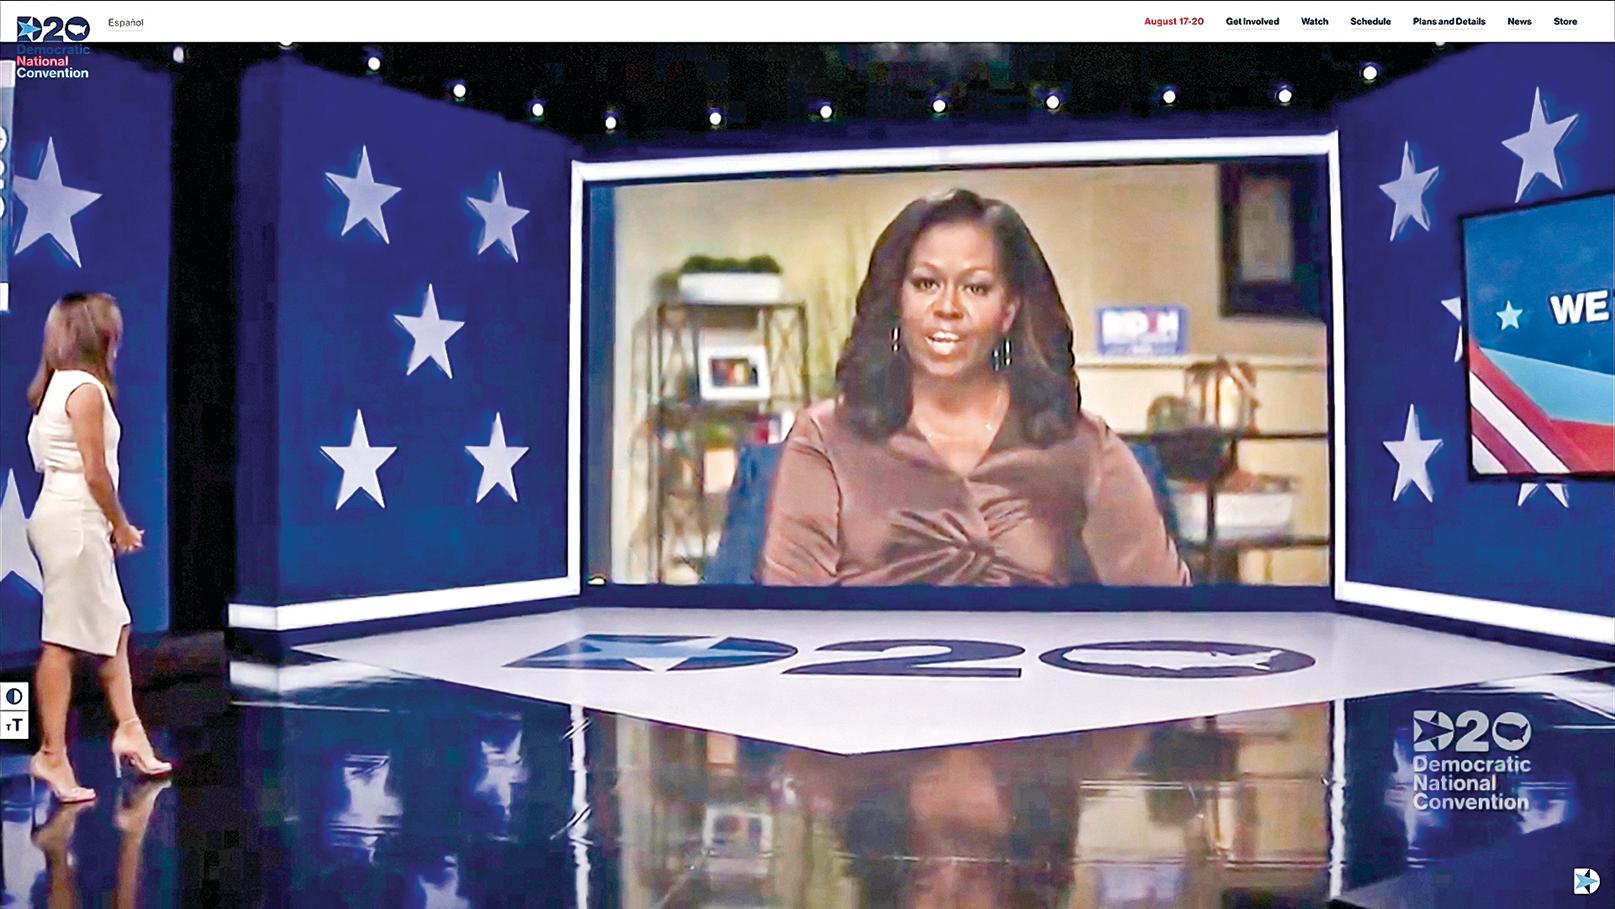 前第一夫人米歇爾•奧巴馬出席民主黨大會,給拜登站台。(Getty Images)